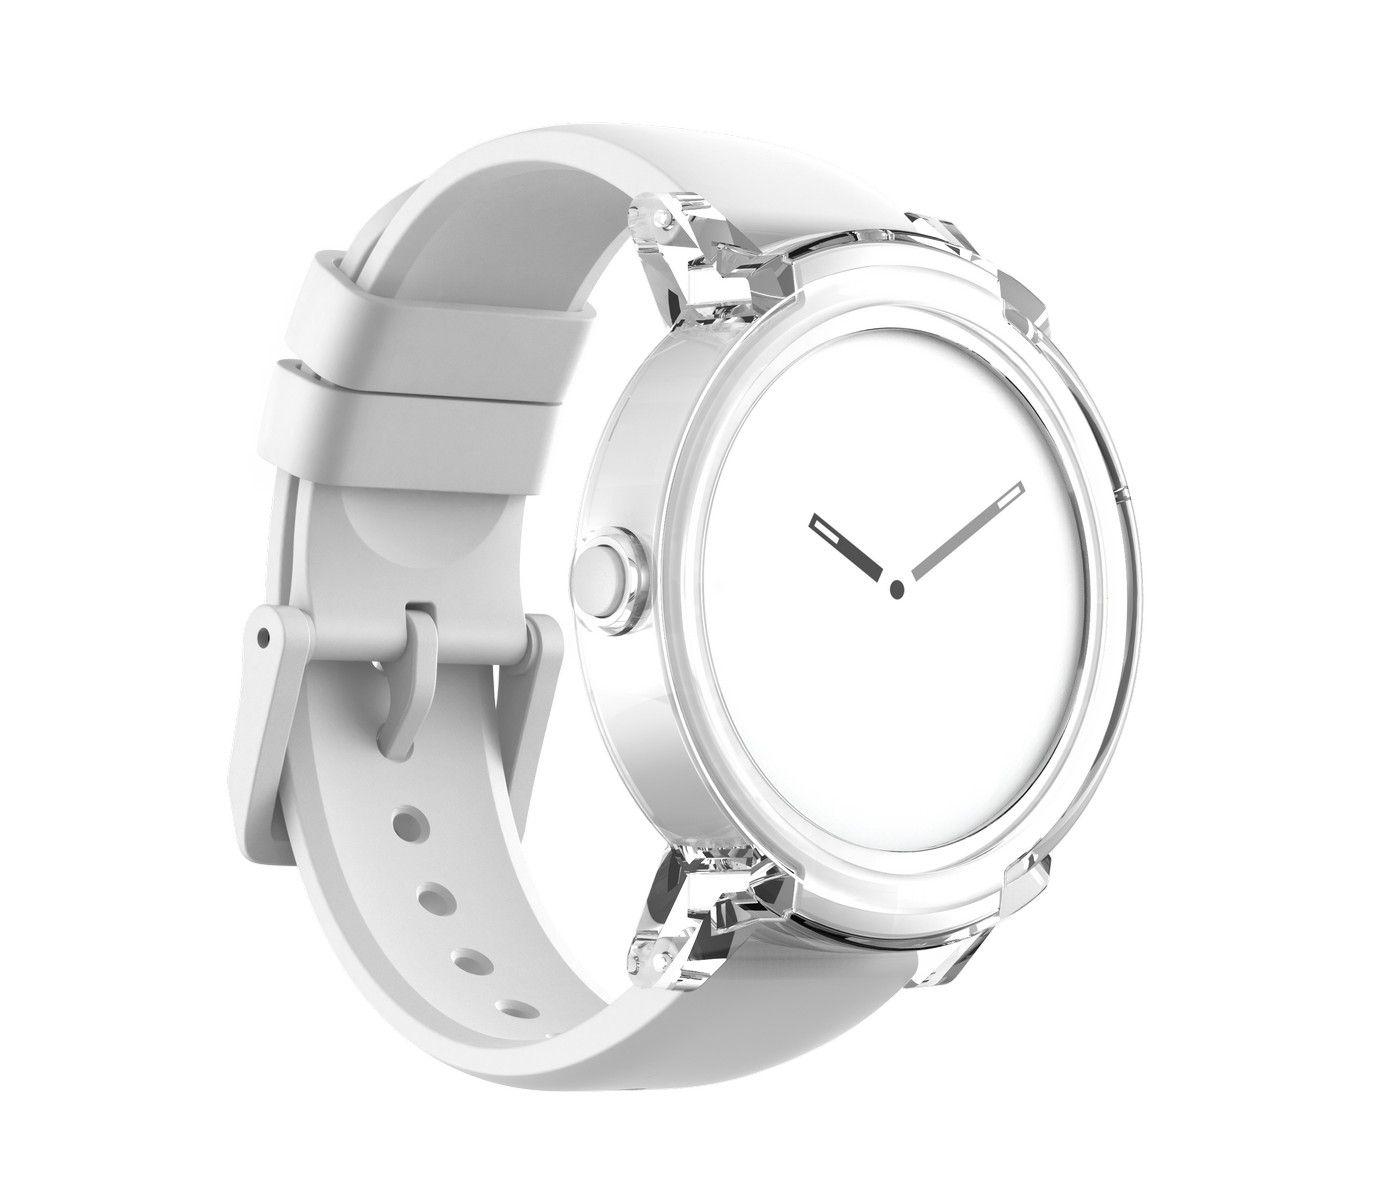 Relógio Unissex TicWatch E Ice Branco TICWATCHE-BXBX